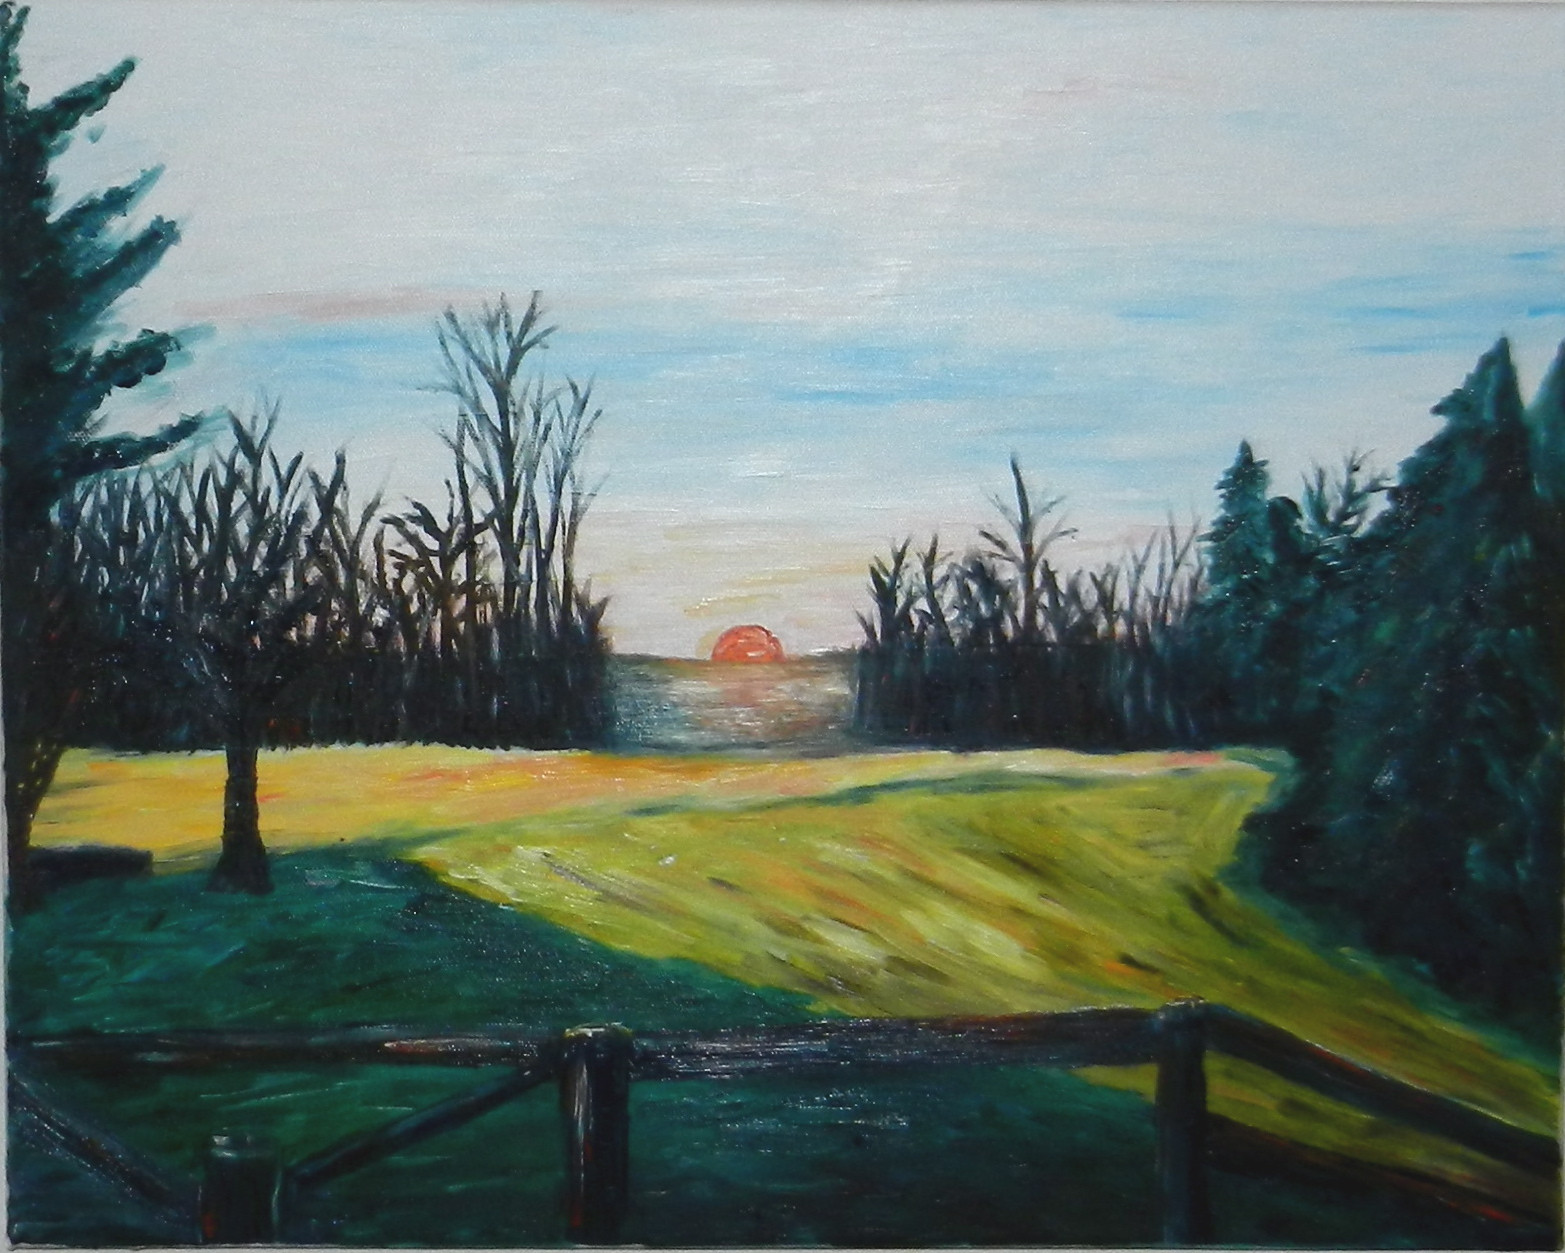 Landscape Painting Images  Knickerbocker Style & Design Impressionist Landscape Oil